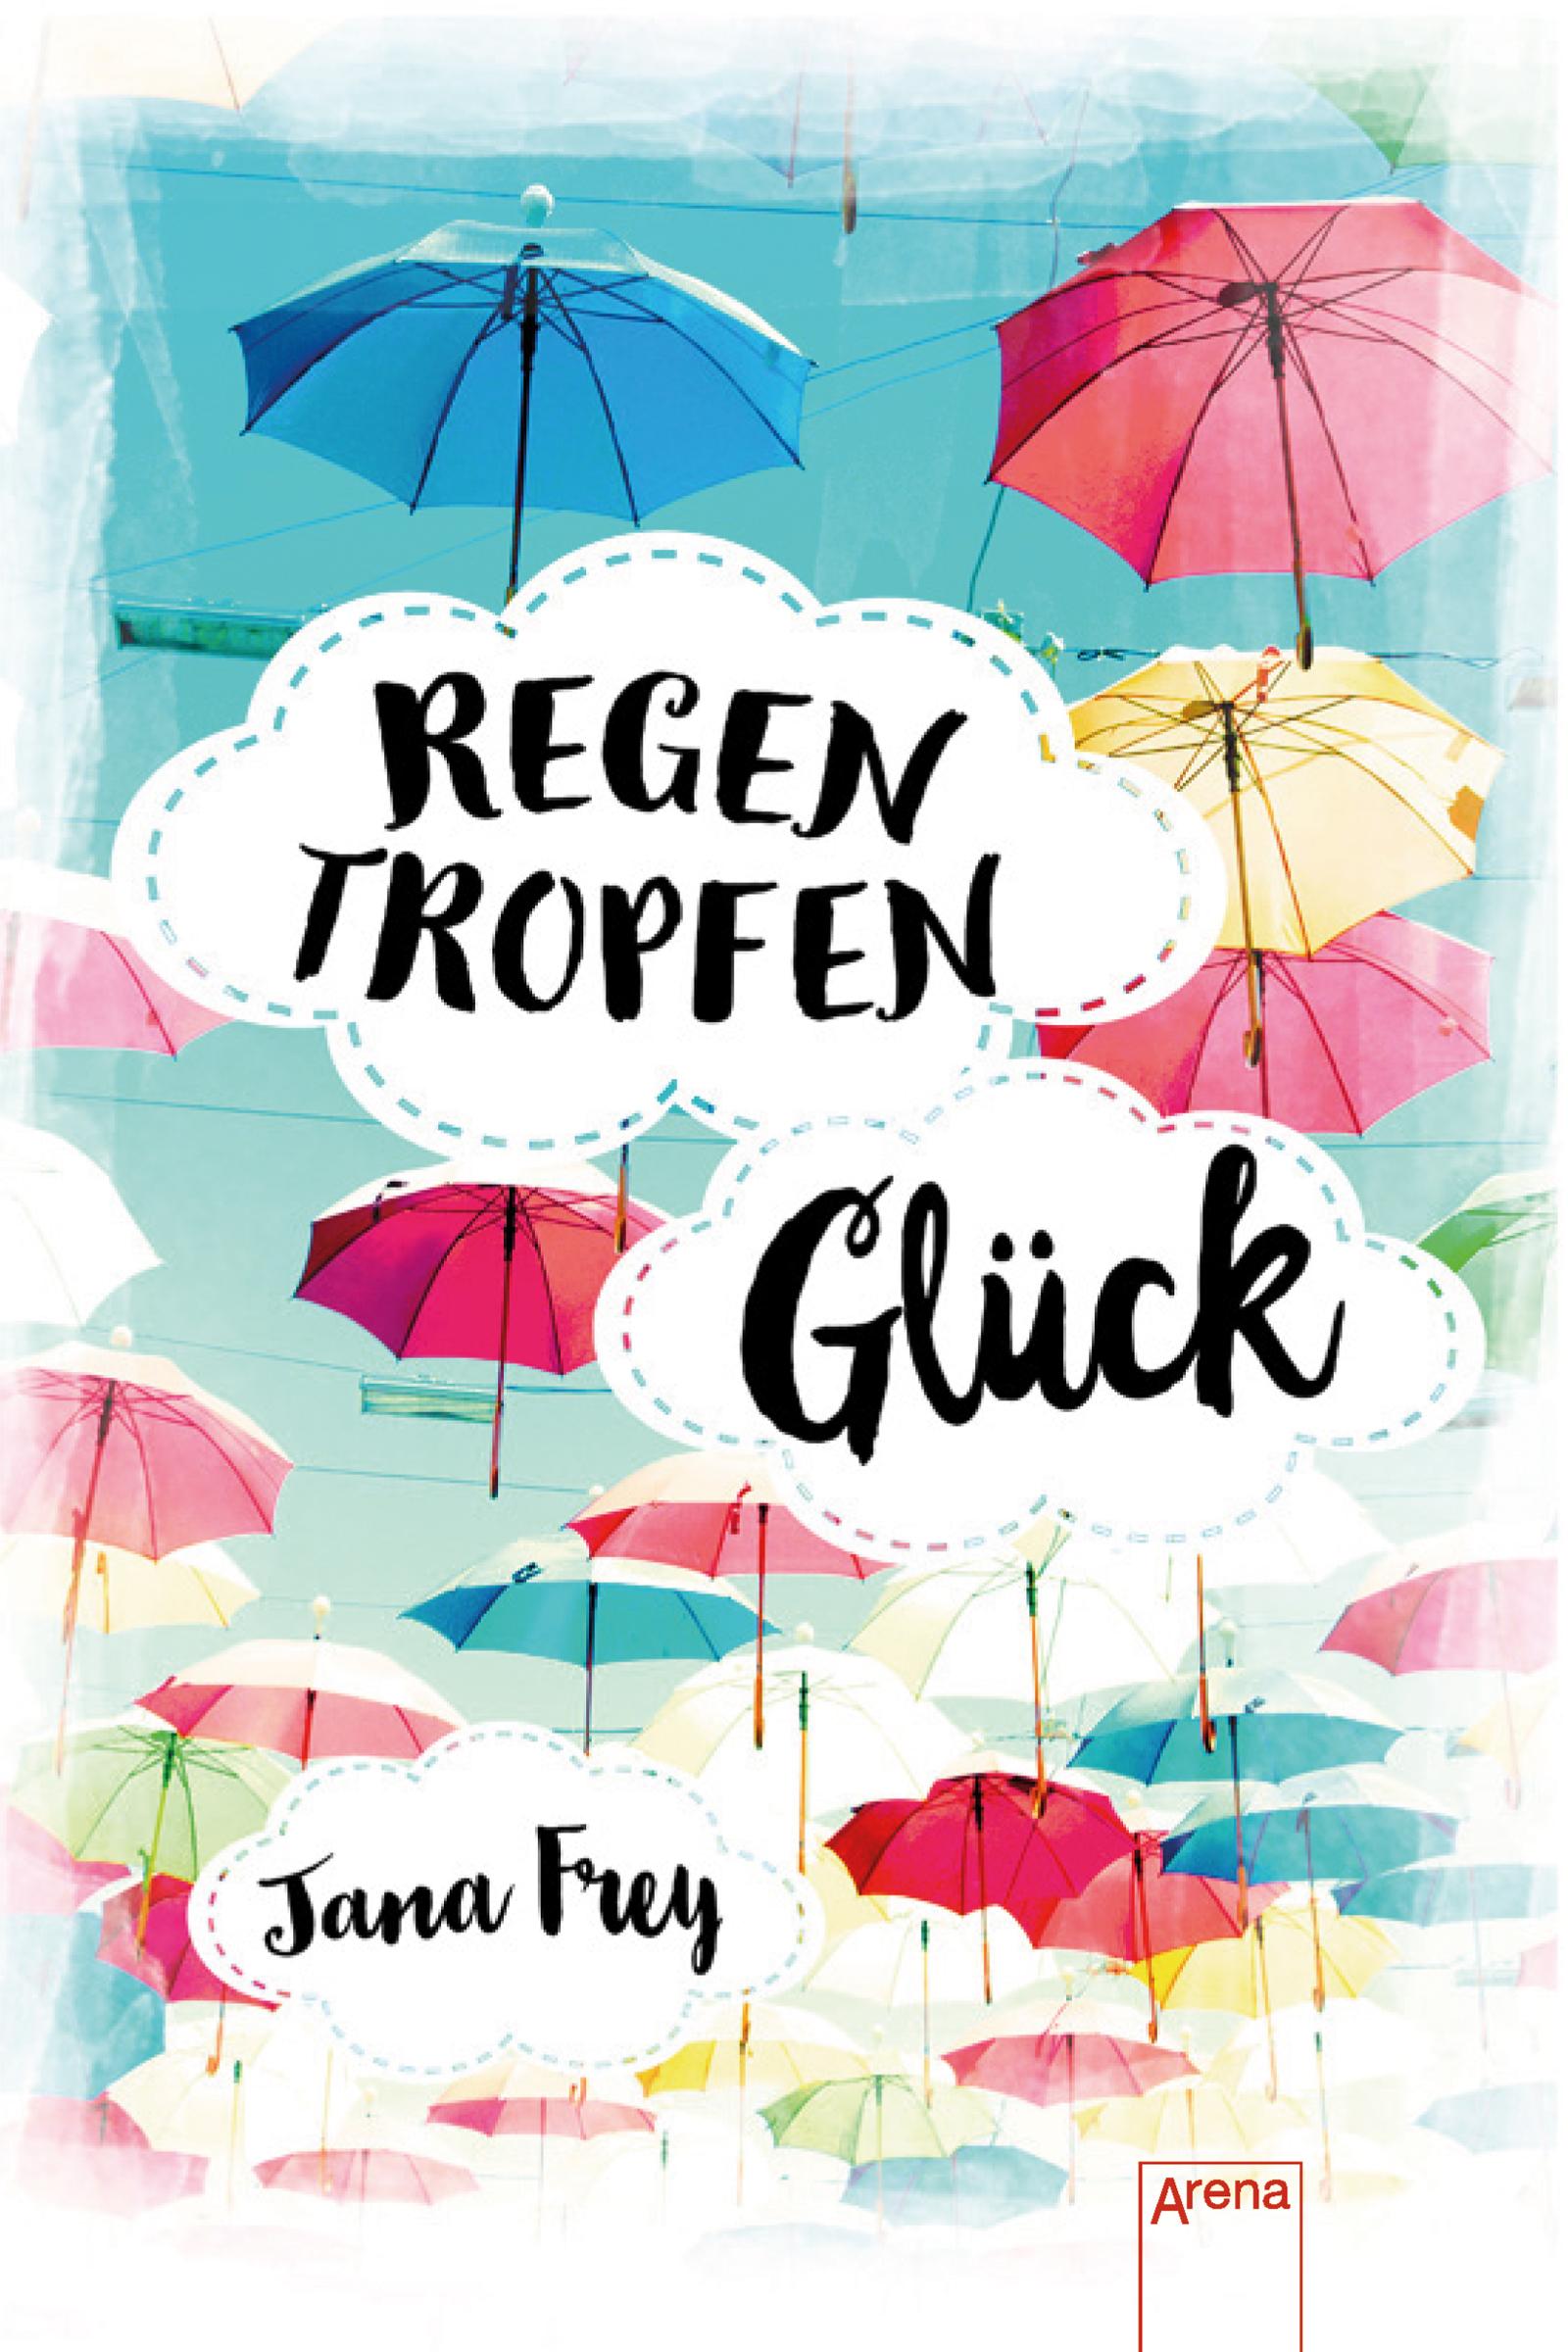 http://www.arena-verlag.de/artikel/regentropfengluck-978-3-401-60004-8